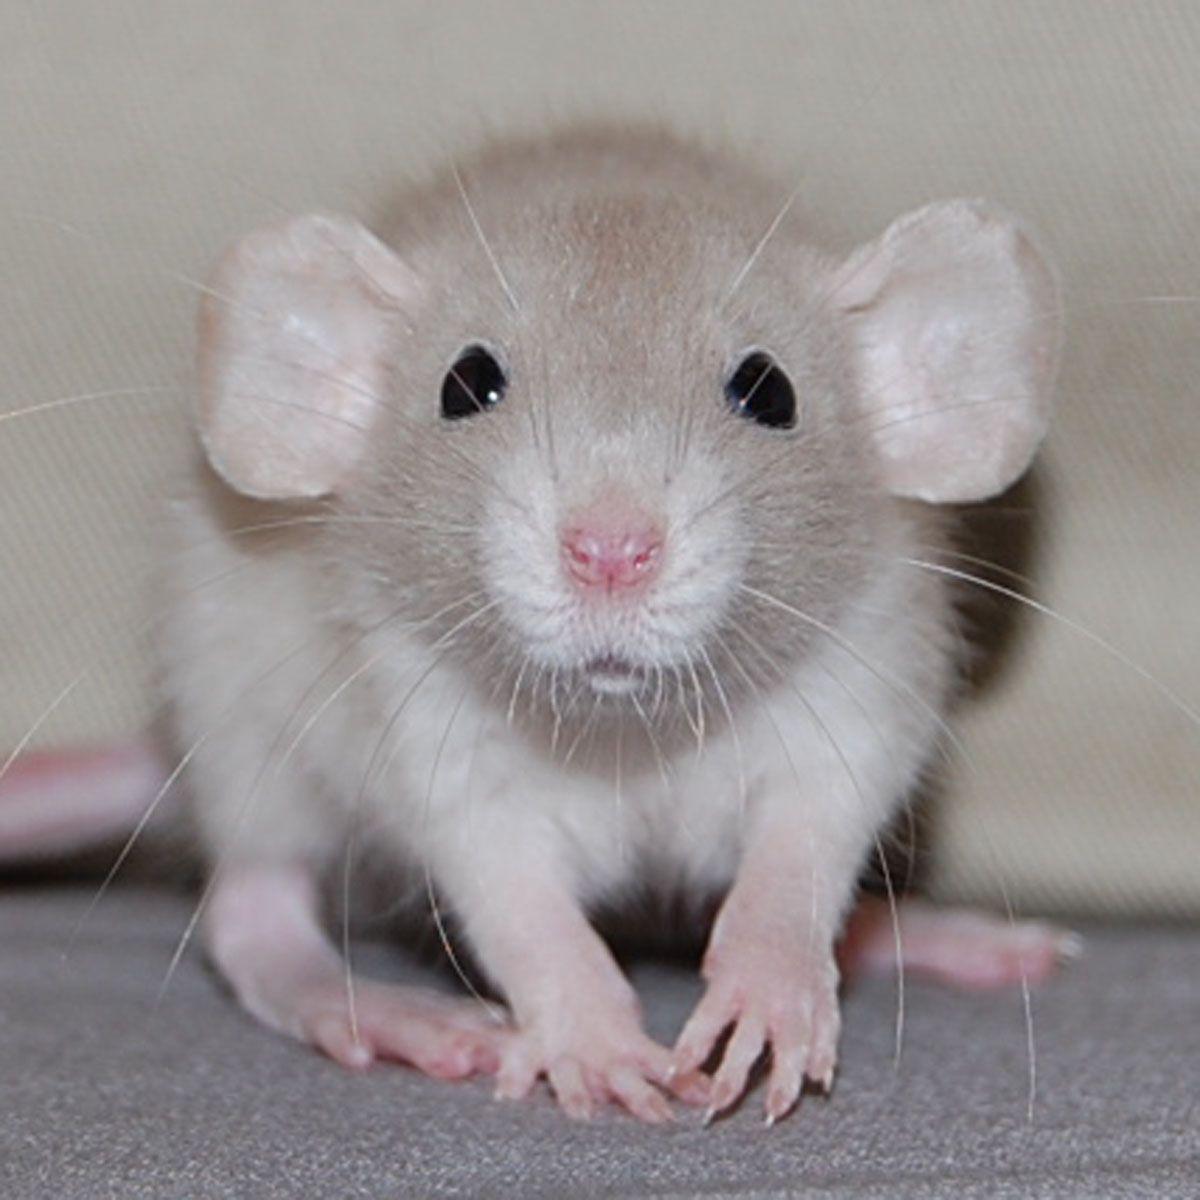 adorable | Animals - World of Rats | Dumbo rat, Rats, Pet rats | 1200 x 1200 jpeg 150kB